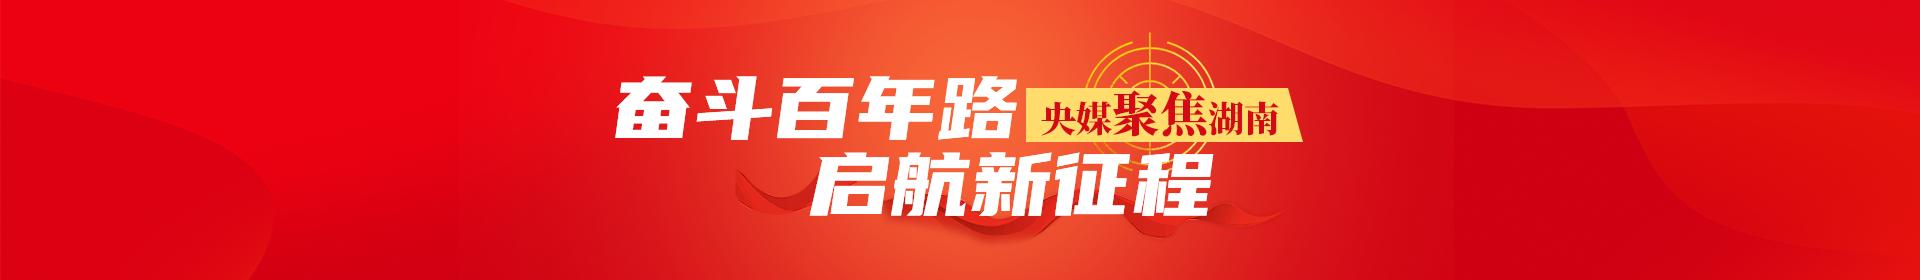 央媒聚焦湖南·奋斗百年路 启航新征程